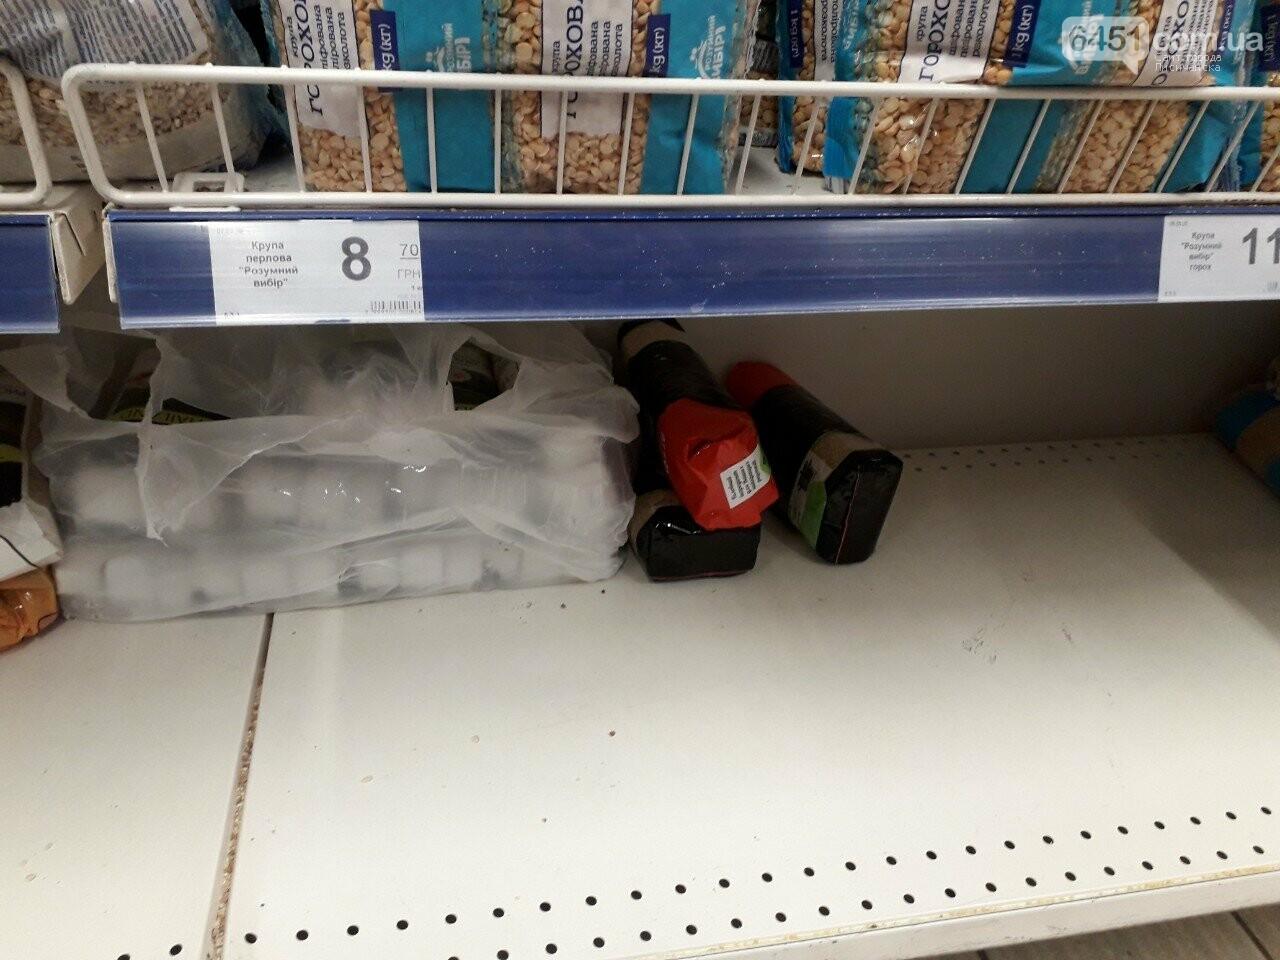 Ажиотажа нет, но продукты раскупают: что происходит в супермаркетах Лисичанска накануне карантина (фоторепортаж), фото-13